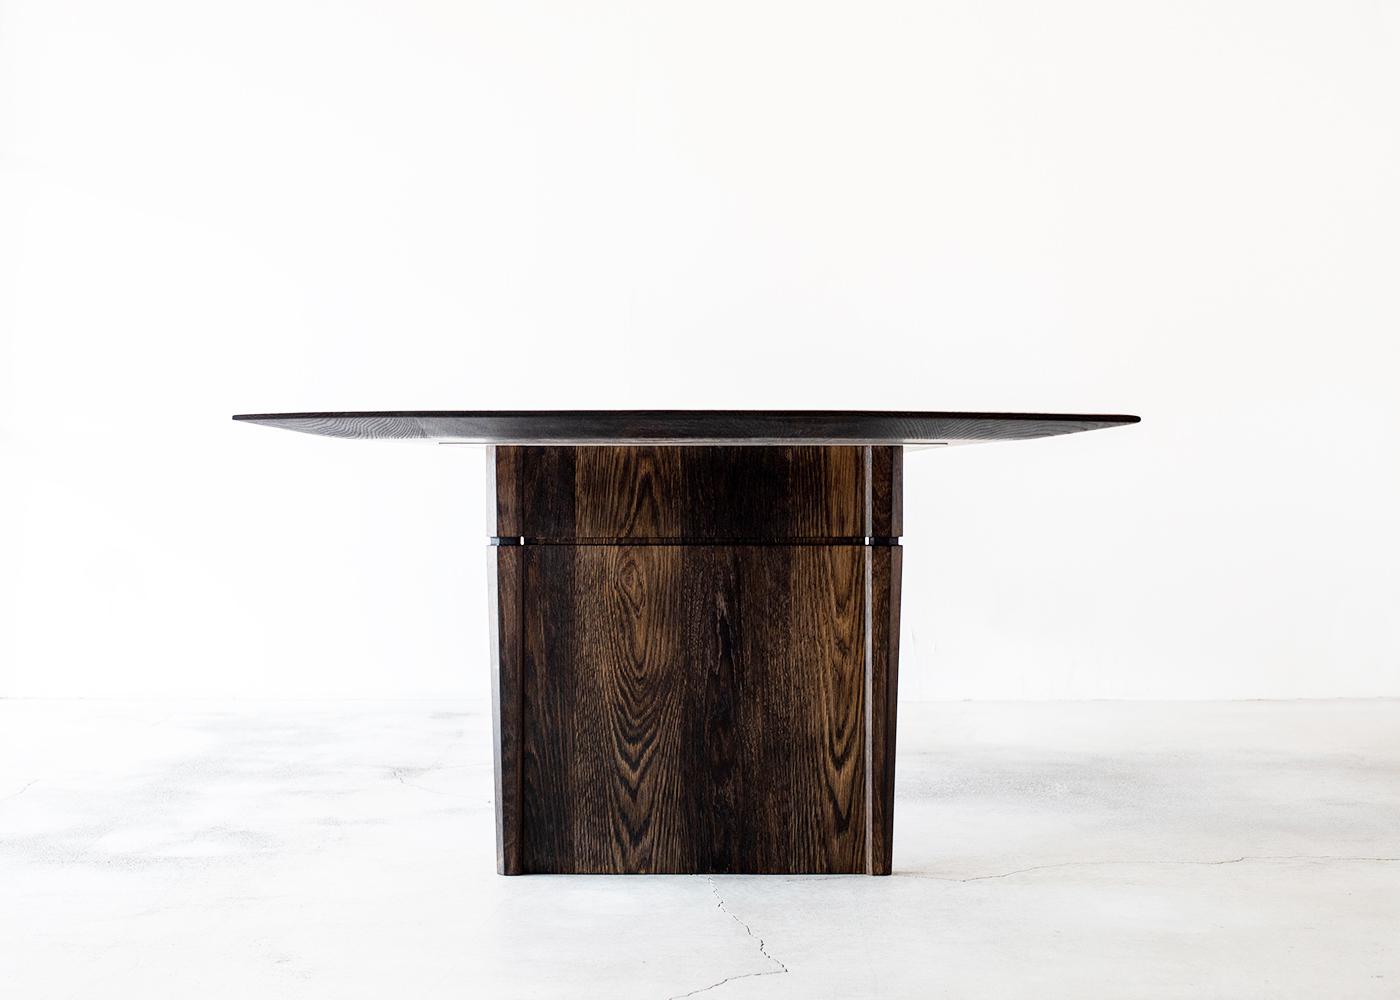 遼有堂様 デザインテーブルの作品撮影